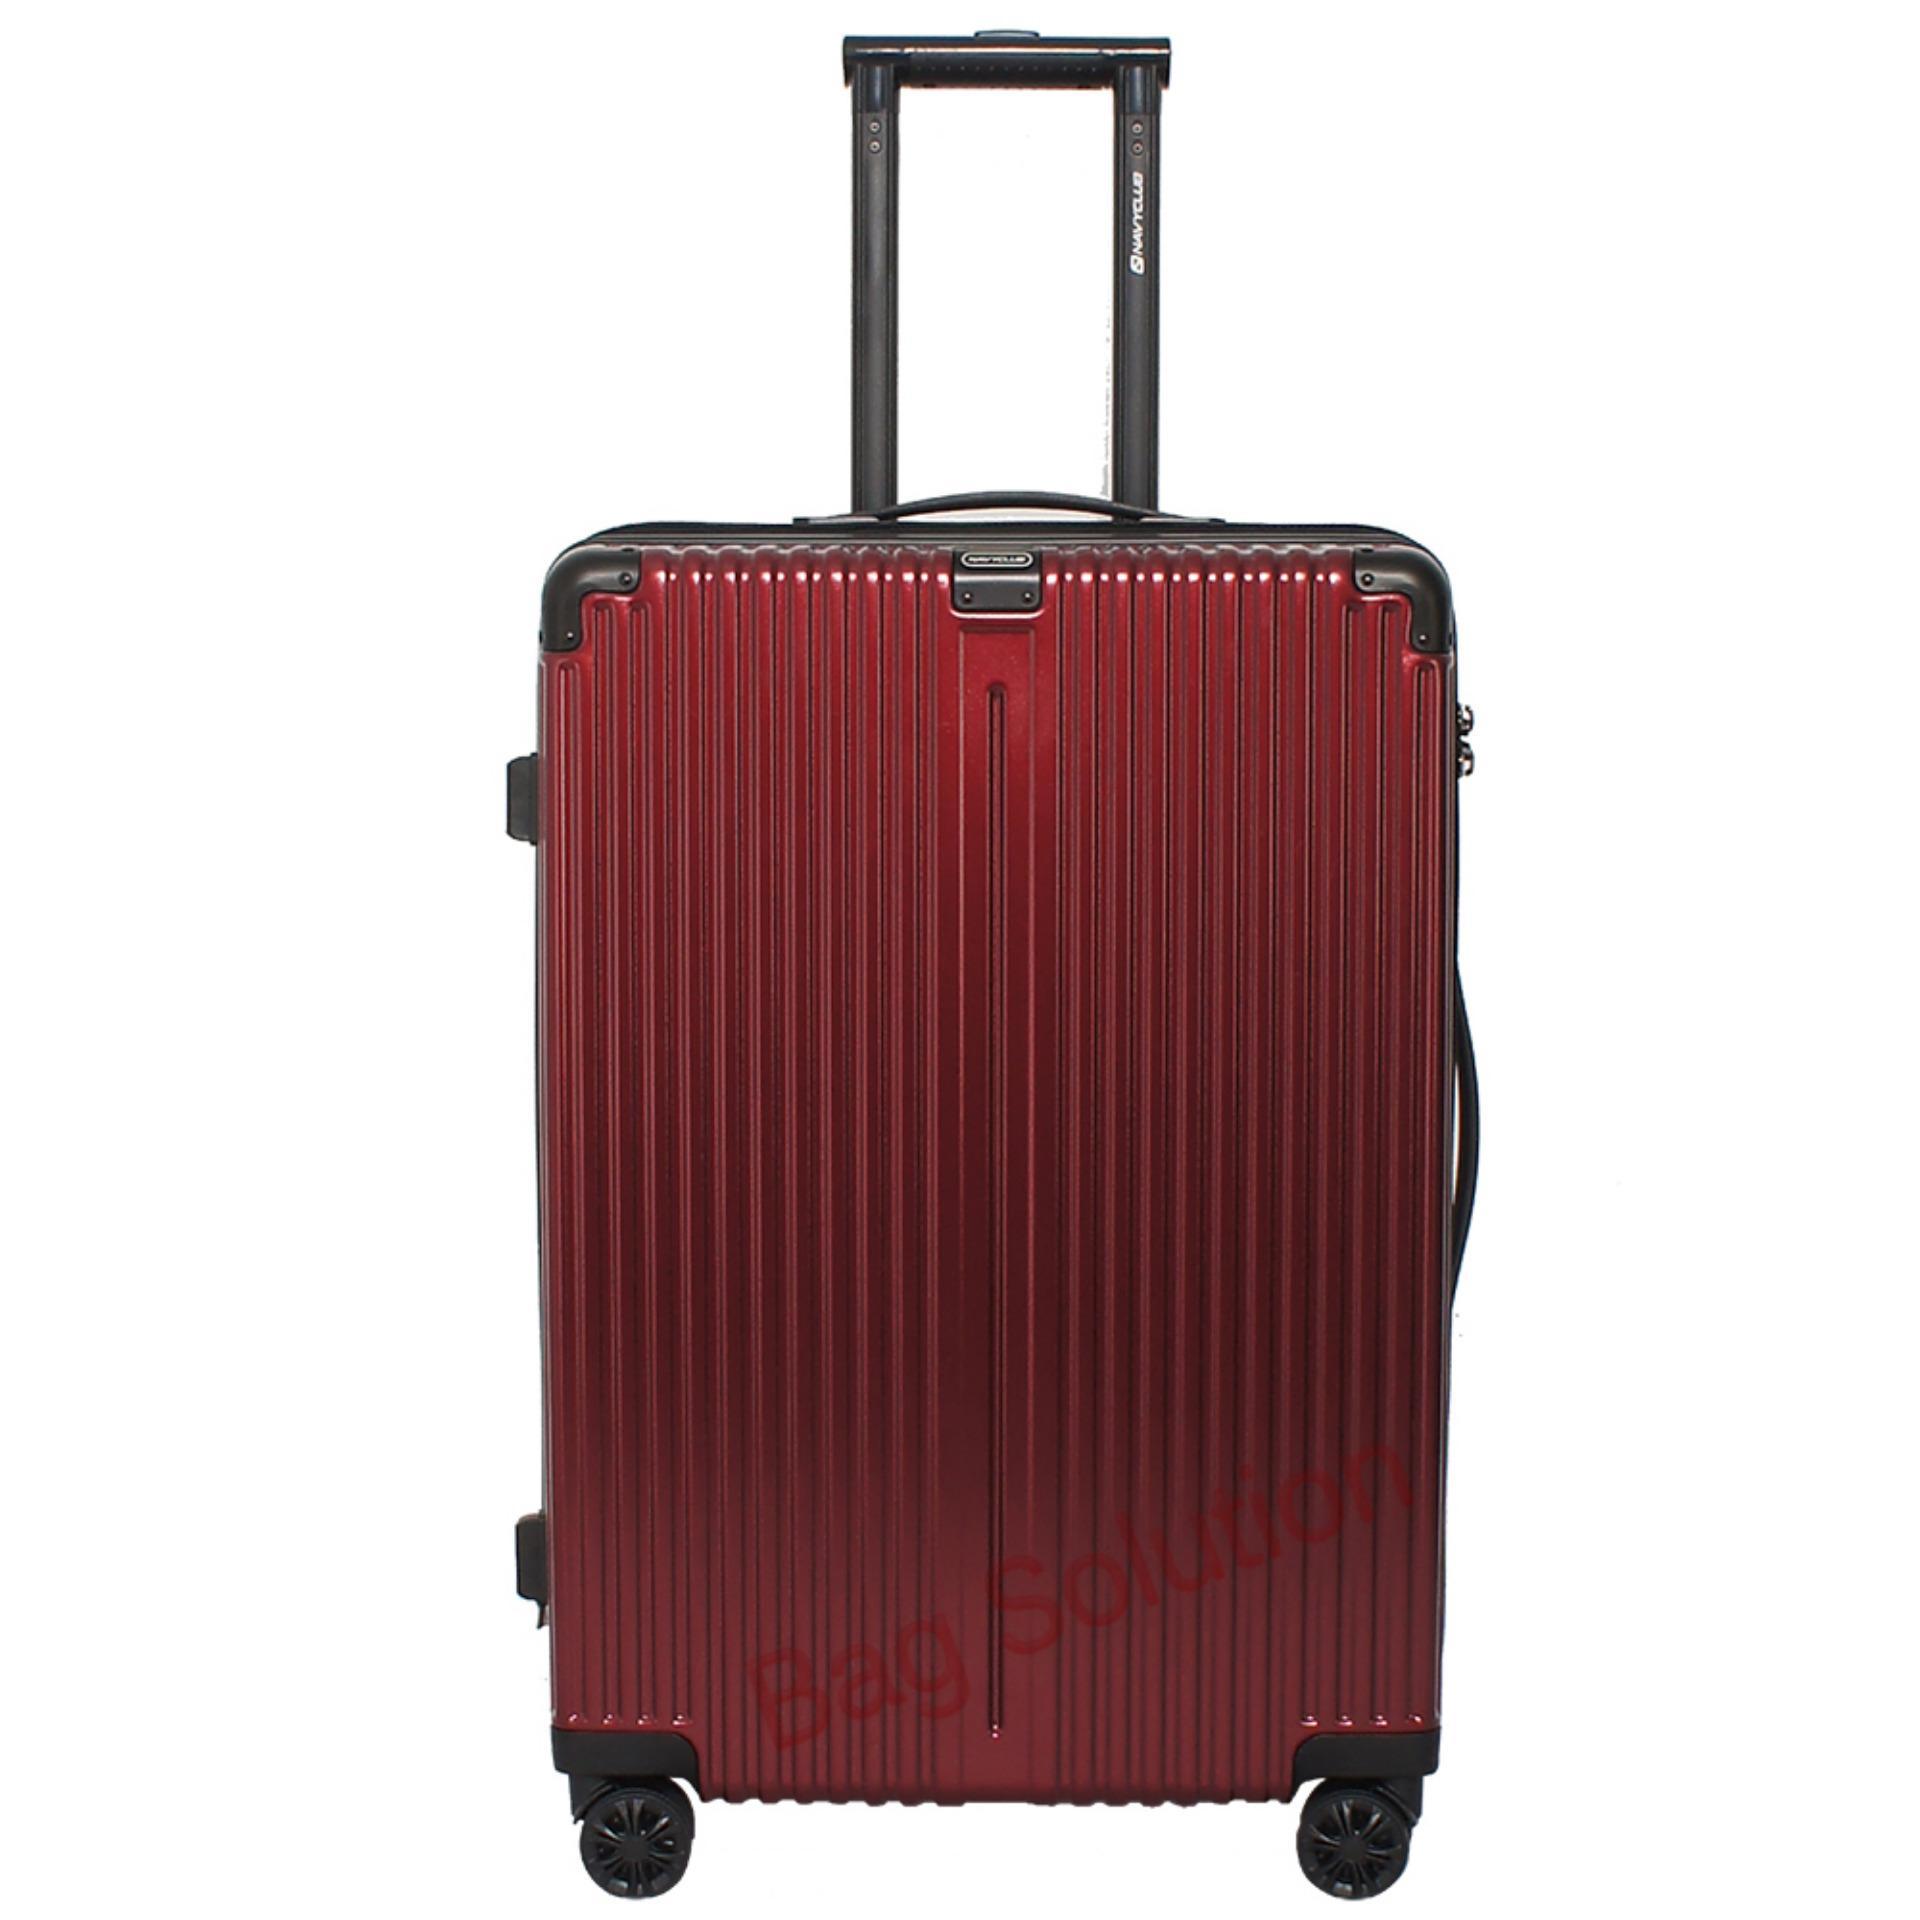 Promo Navy Club Tas Koper Hardcase Fiber Pc 4 Roda Resleting Anti Tusuk Expandable Kunci Tsa Chgg Size 20 Inch Merah Murah